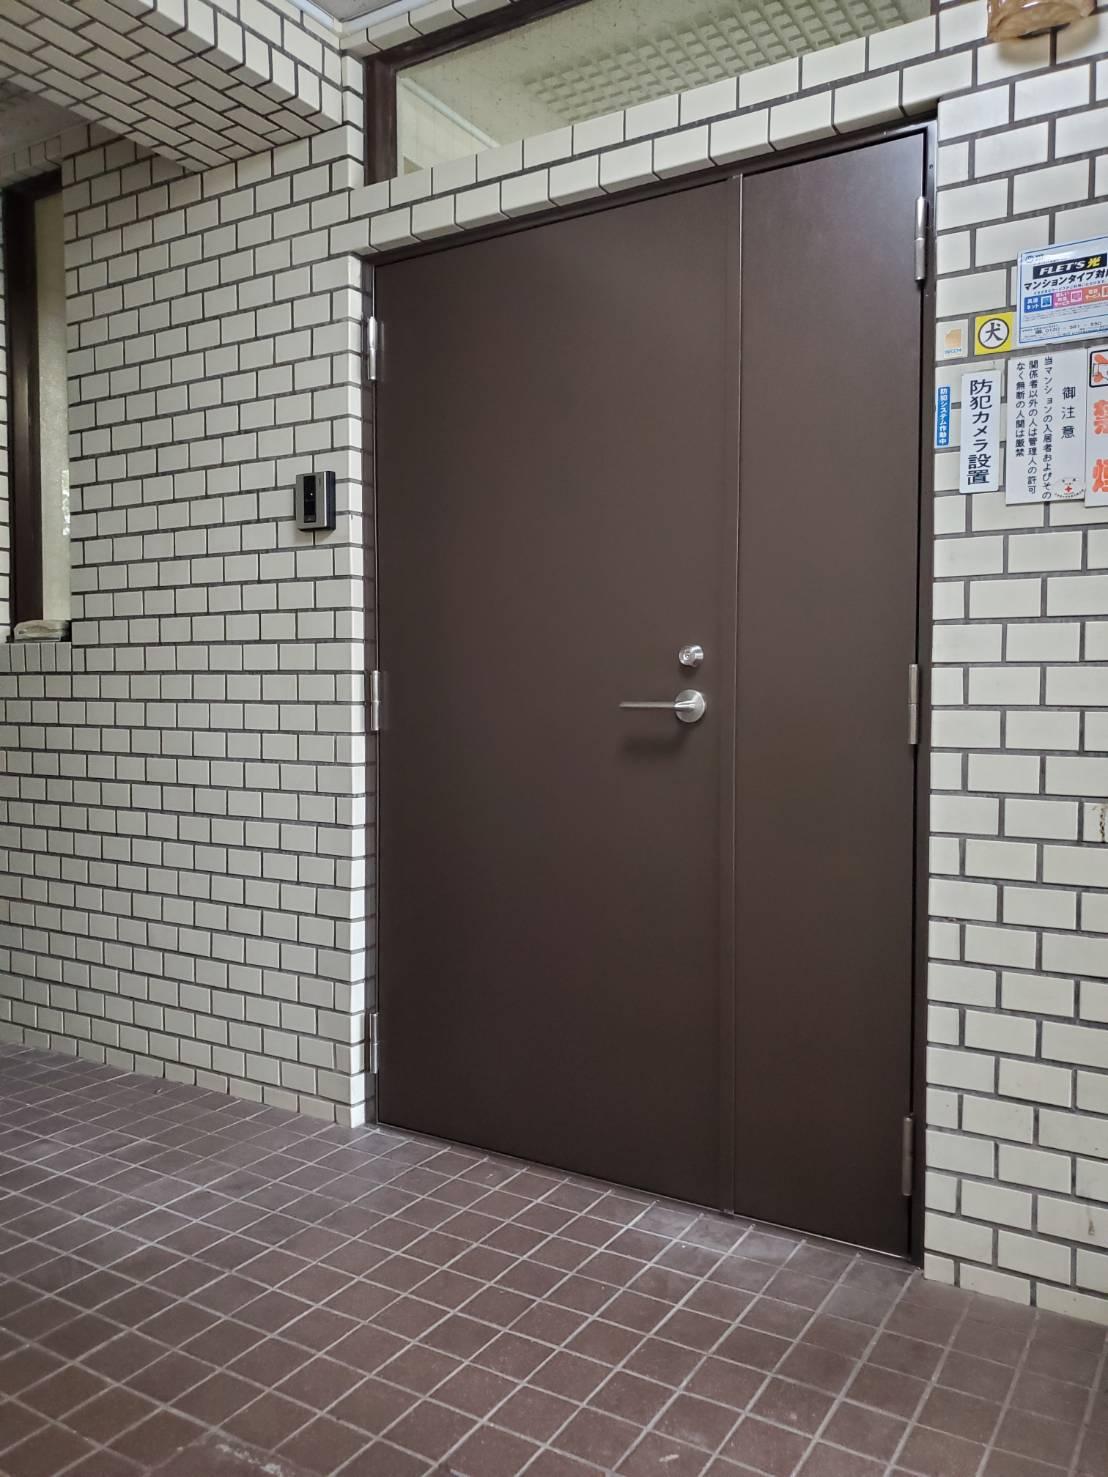 マンションドア カバー工法|東京都某マンション入口